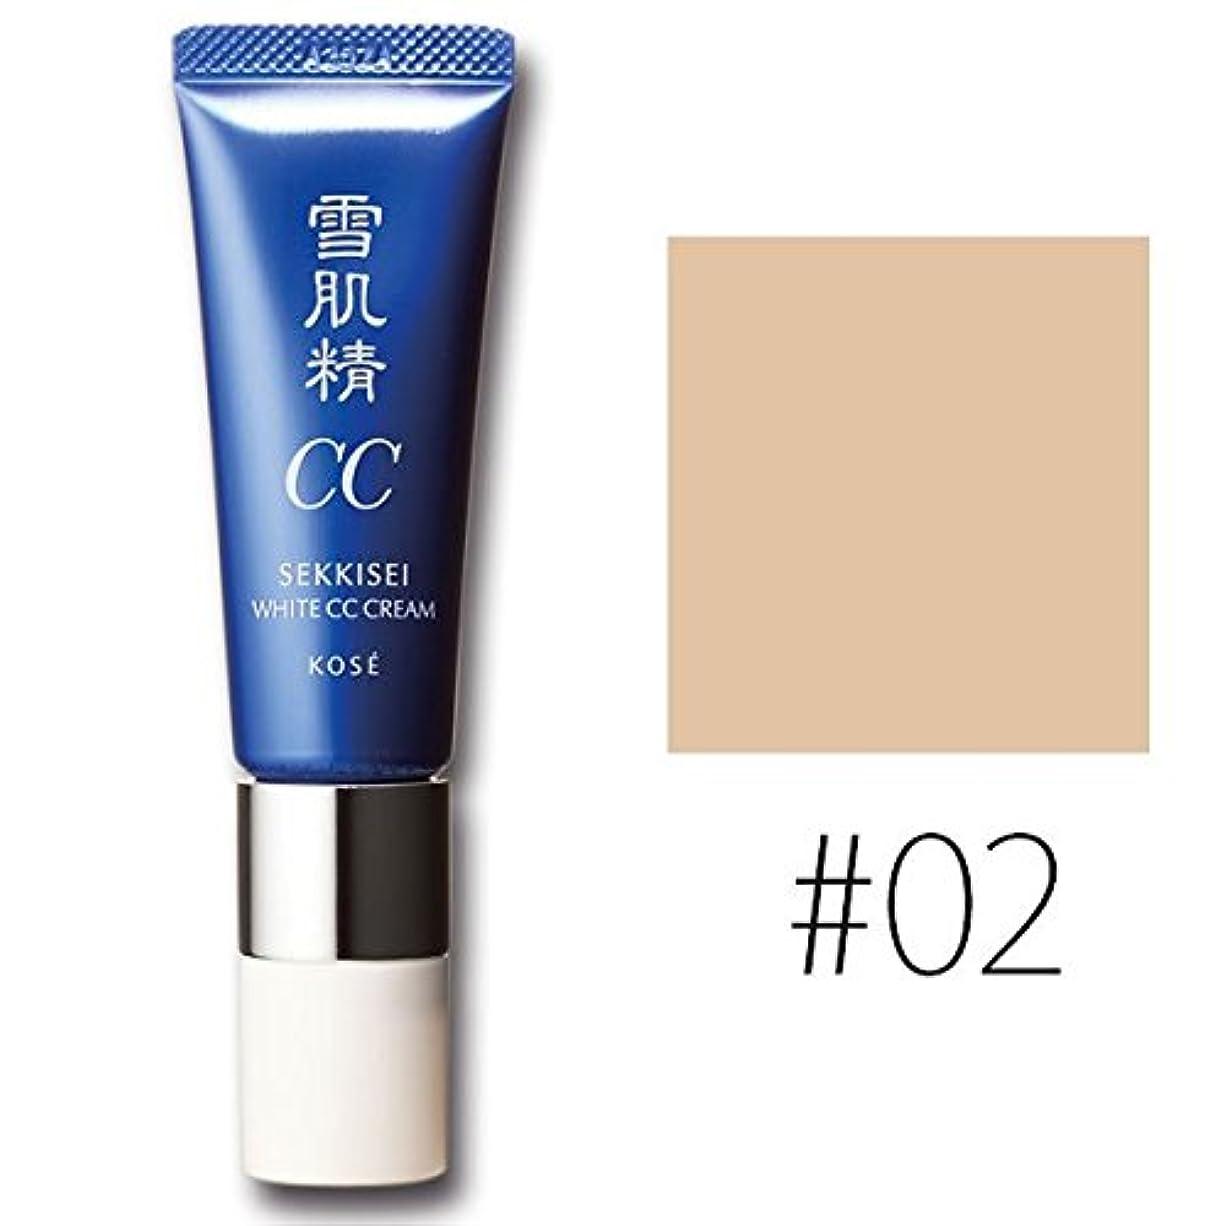 窓を洗うパイ解説コーセー 雪肌精 ホワイト CCクリーム【#02】 #OCHRE SPF50+/PA++++ 30g